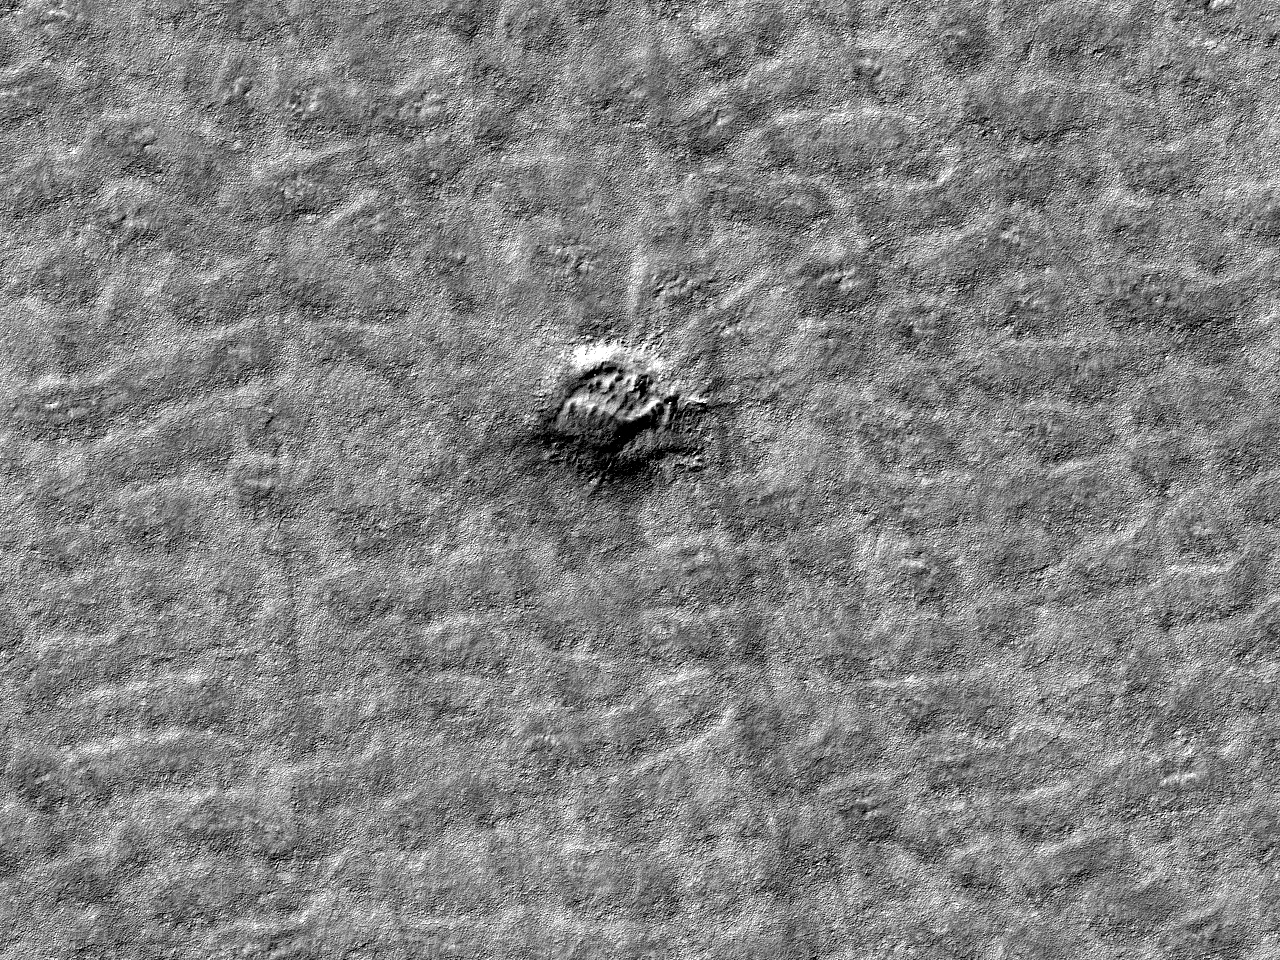 Mulig mindre krater